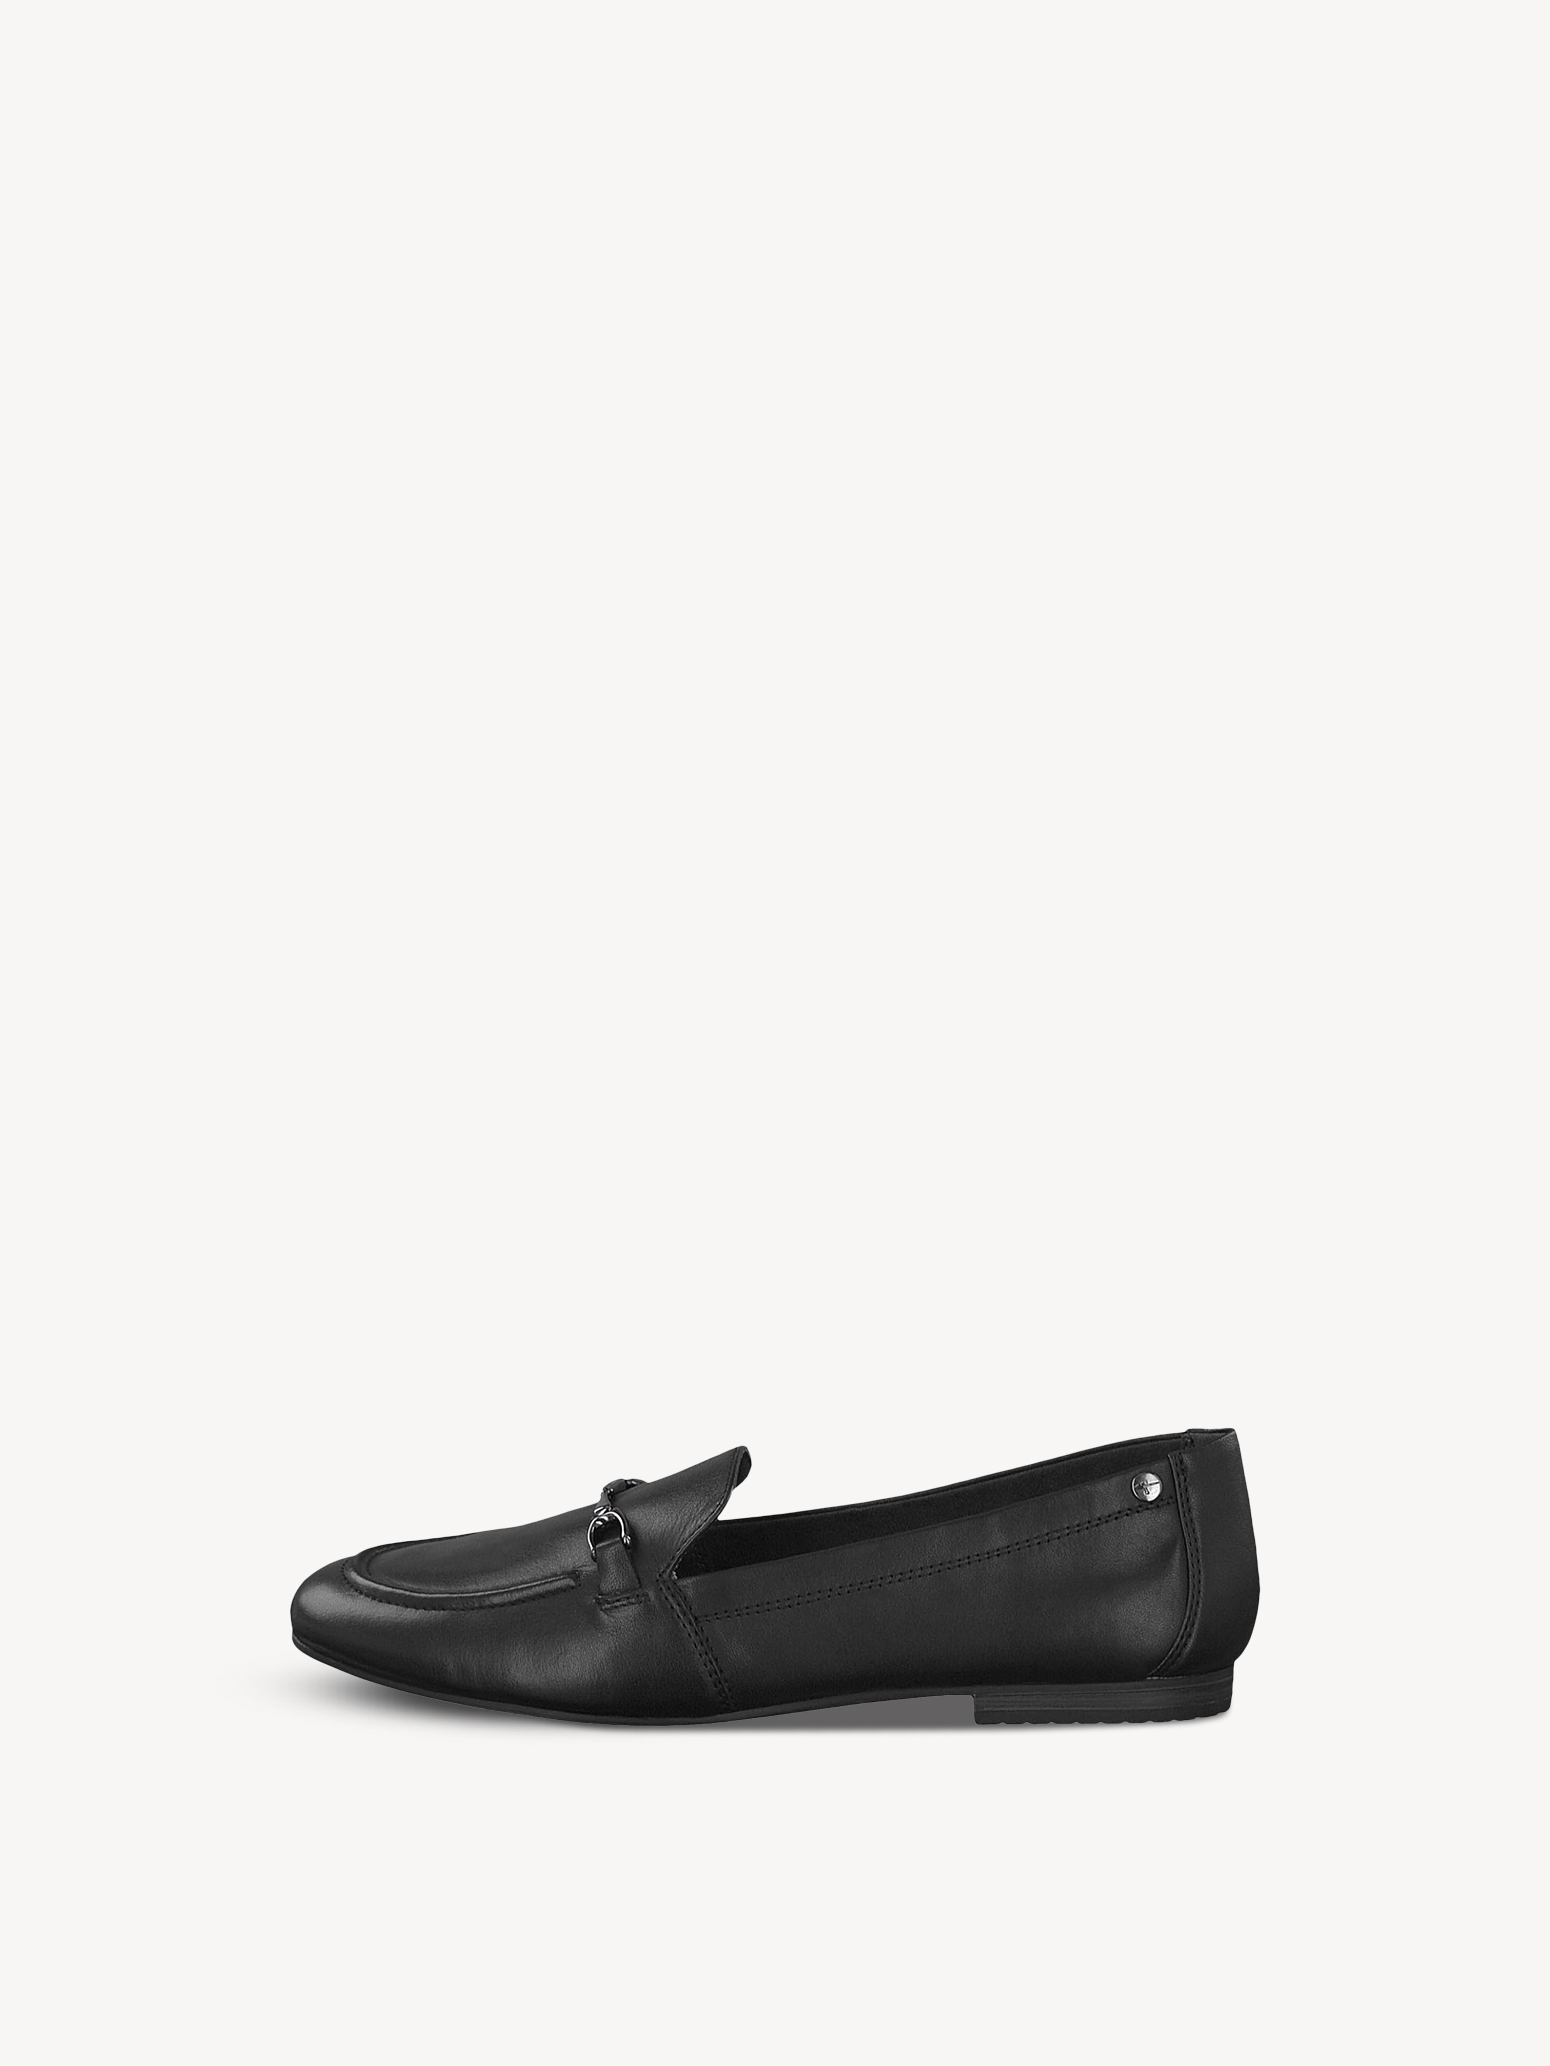 Chaussures femme Mocassins Femme Tamaris 1 1 24212 22 001